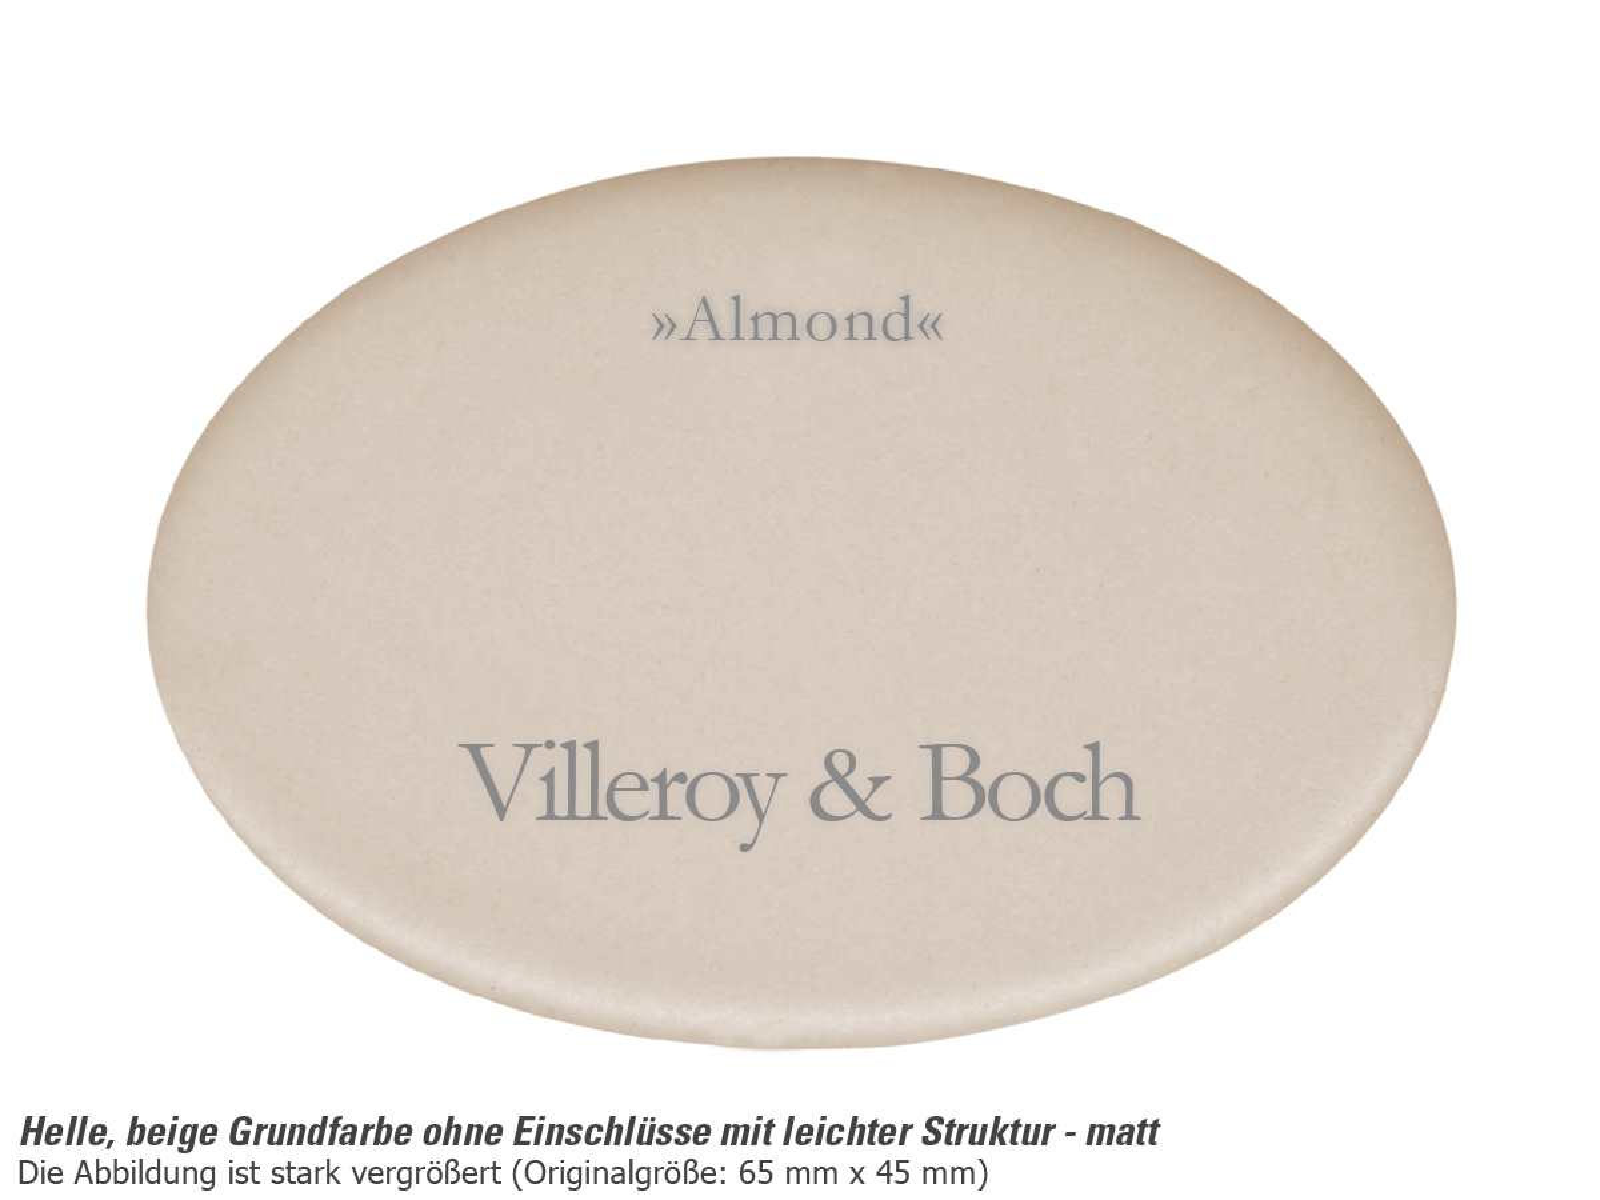 Villeroy & Boch Subway 50 SU Almond - 3325 01 AM Keramikspüle Handbetätigung